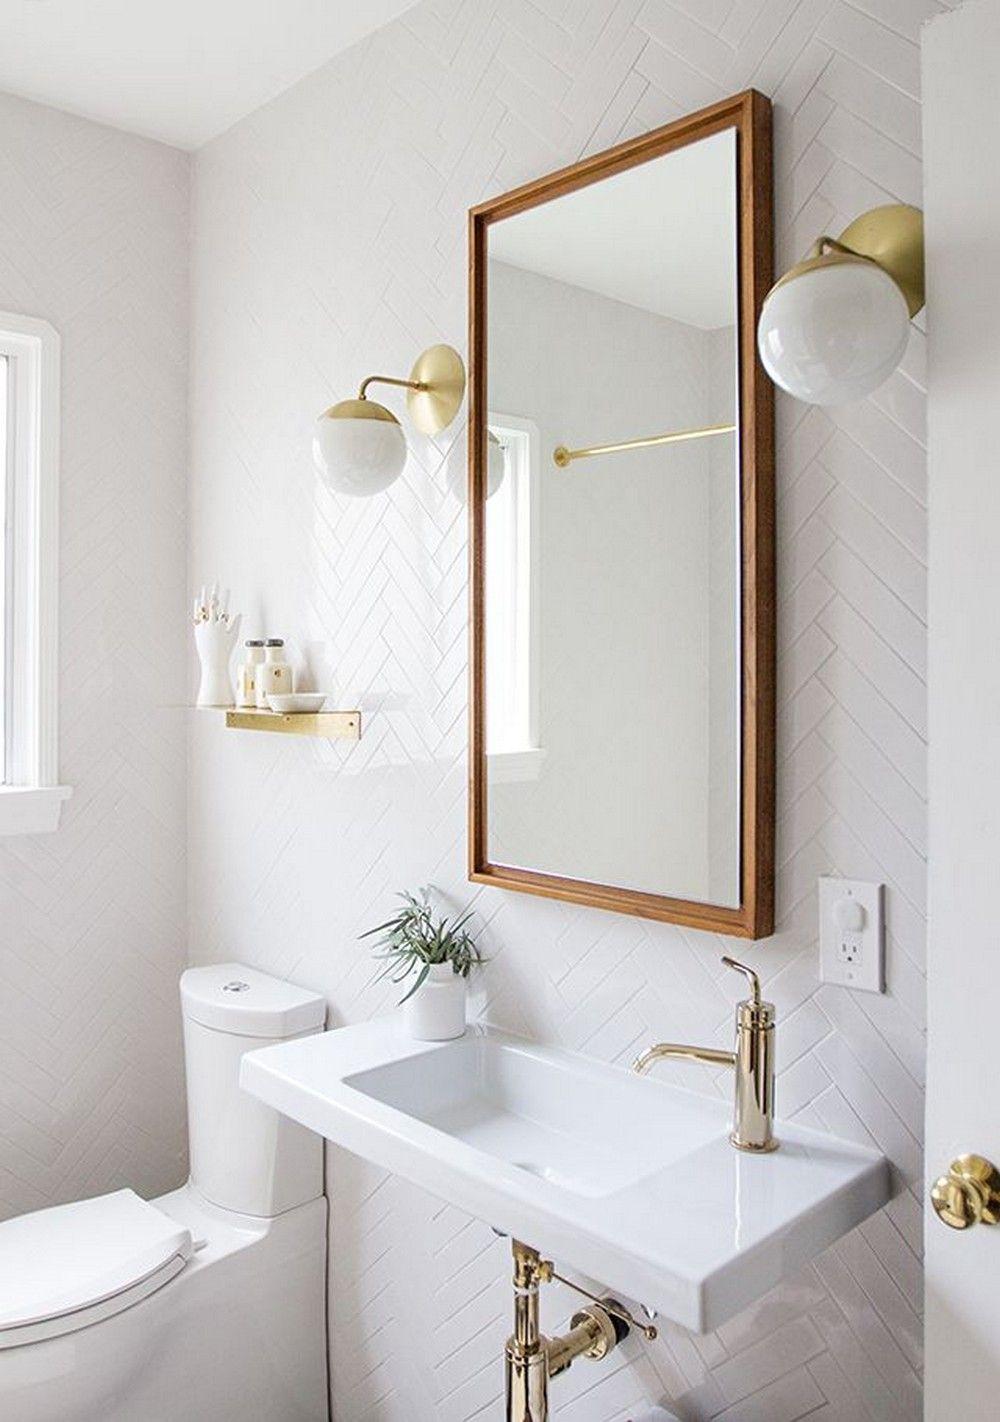 29 Simple Sink Design for The Bathroom | Pinterest | Sink design ...